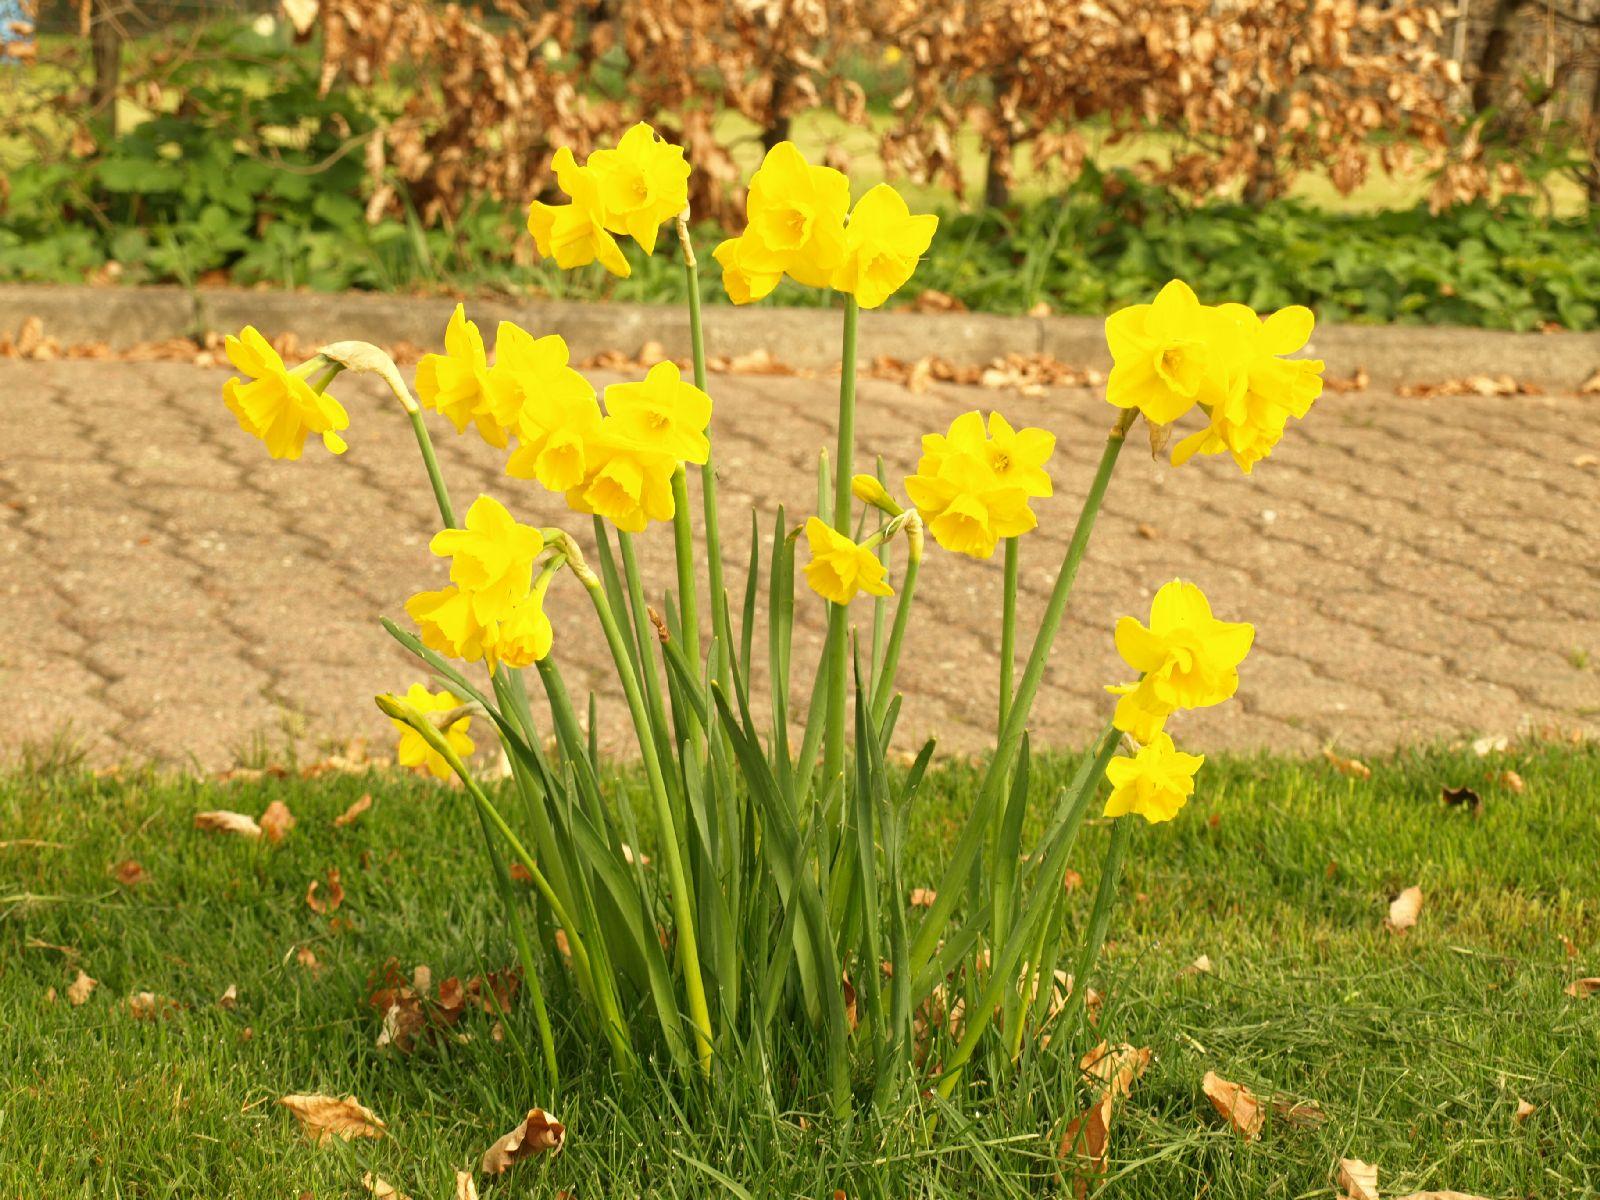 Pflanzen-Blumen-Foto_Textur_B_P4232679